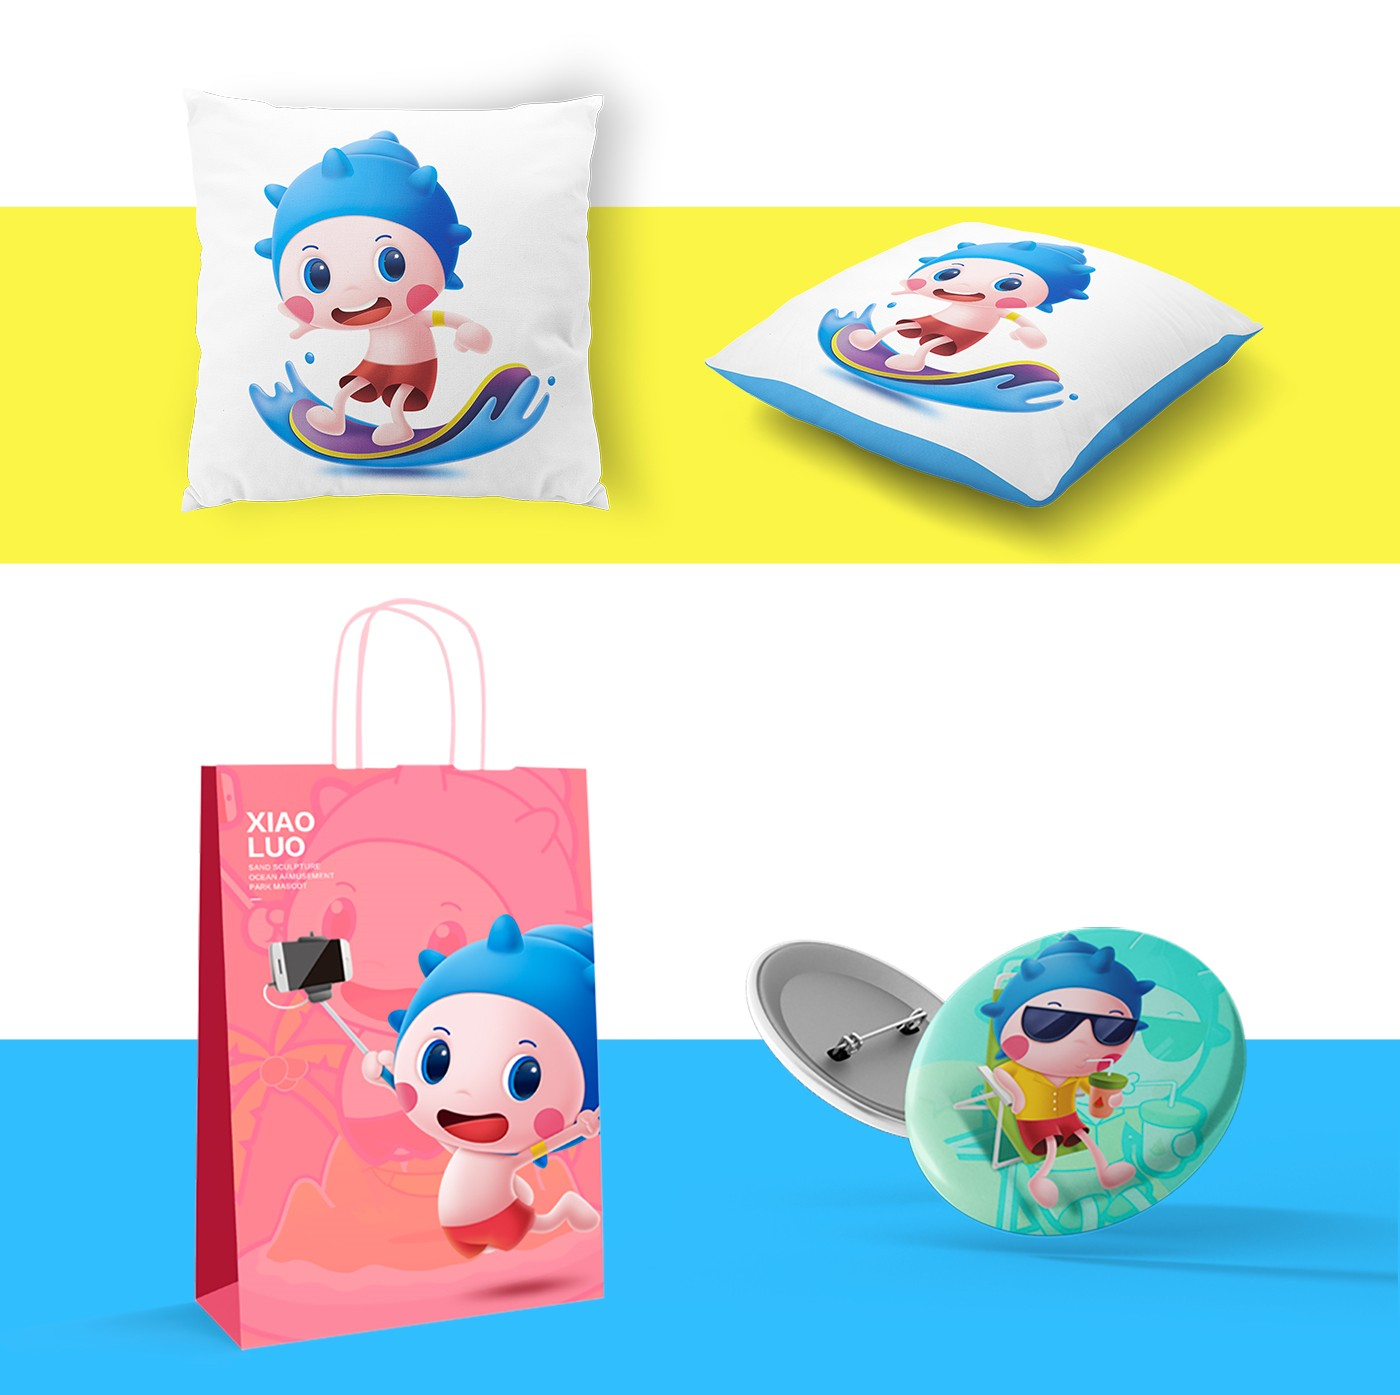 沙雕海洋樂園<a href='http://www.6bubu.com/service/katongxingxiang/' title='' style='color:;font-weight:bold'>吉祥物</a>12.jpg